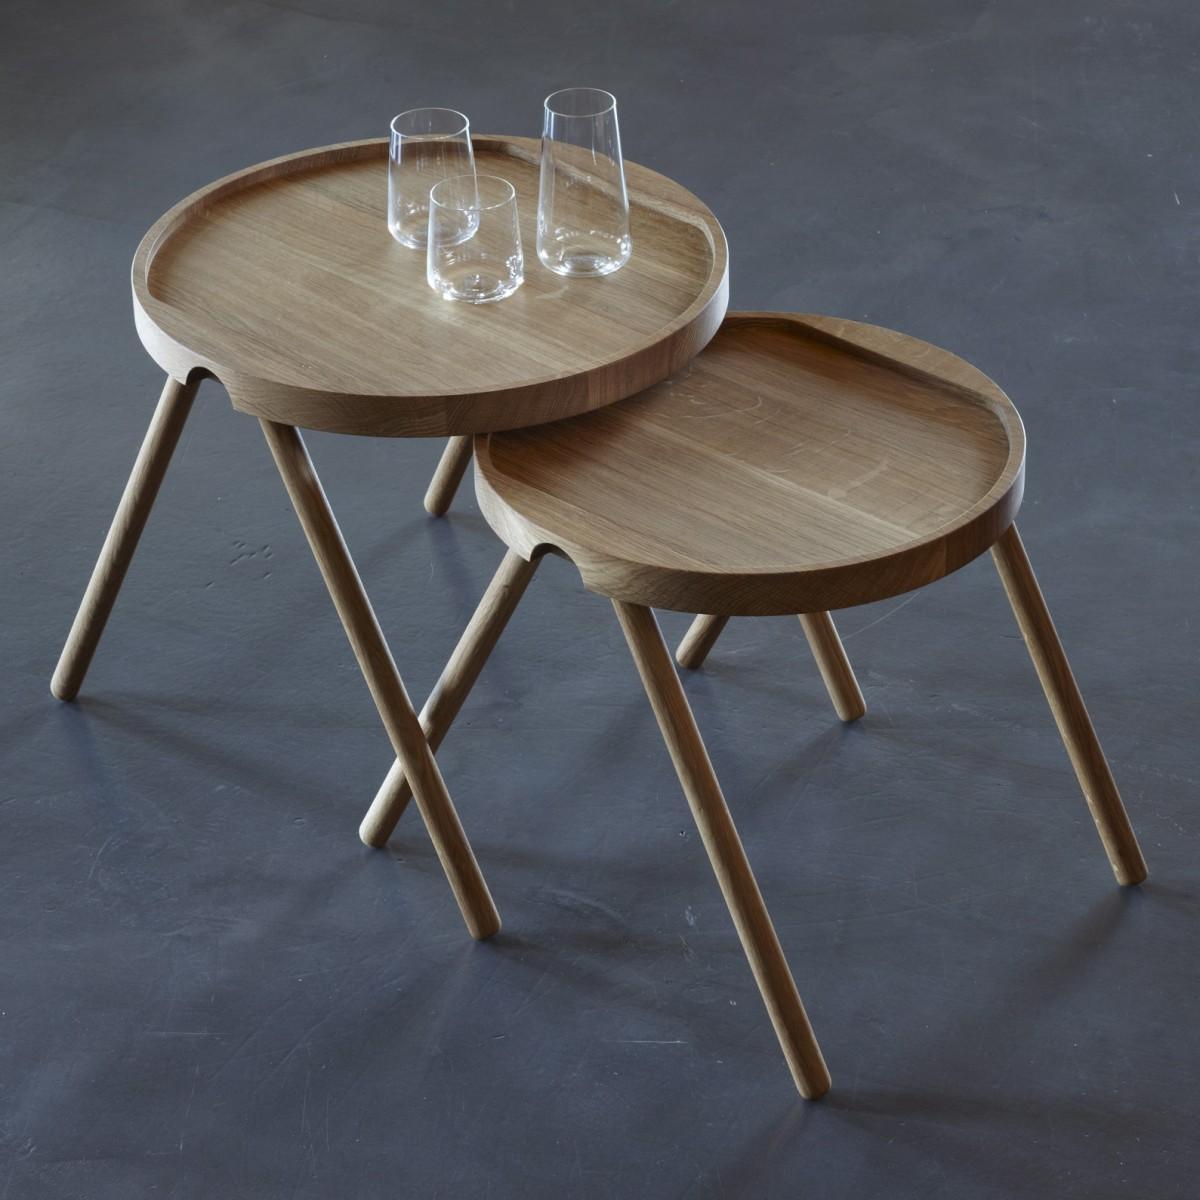 Tablett-Tisch, groß Design: Tobias Grau